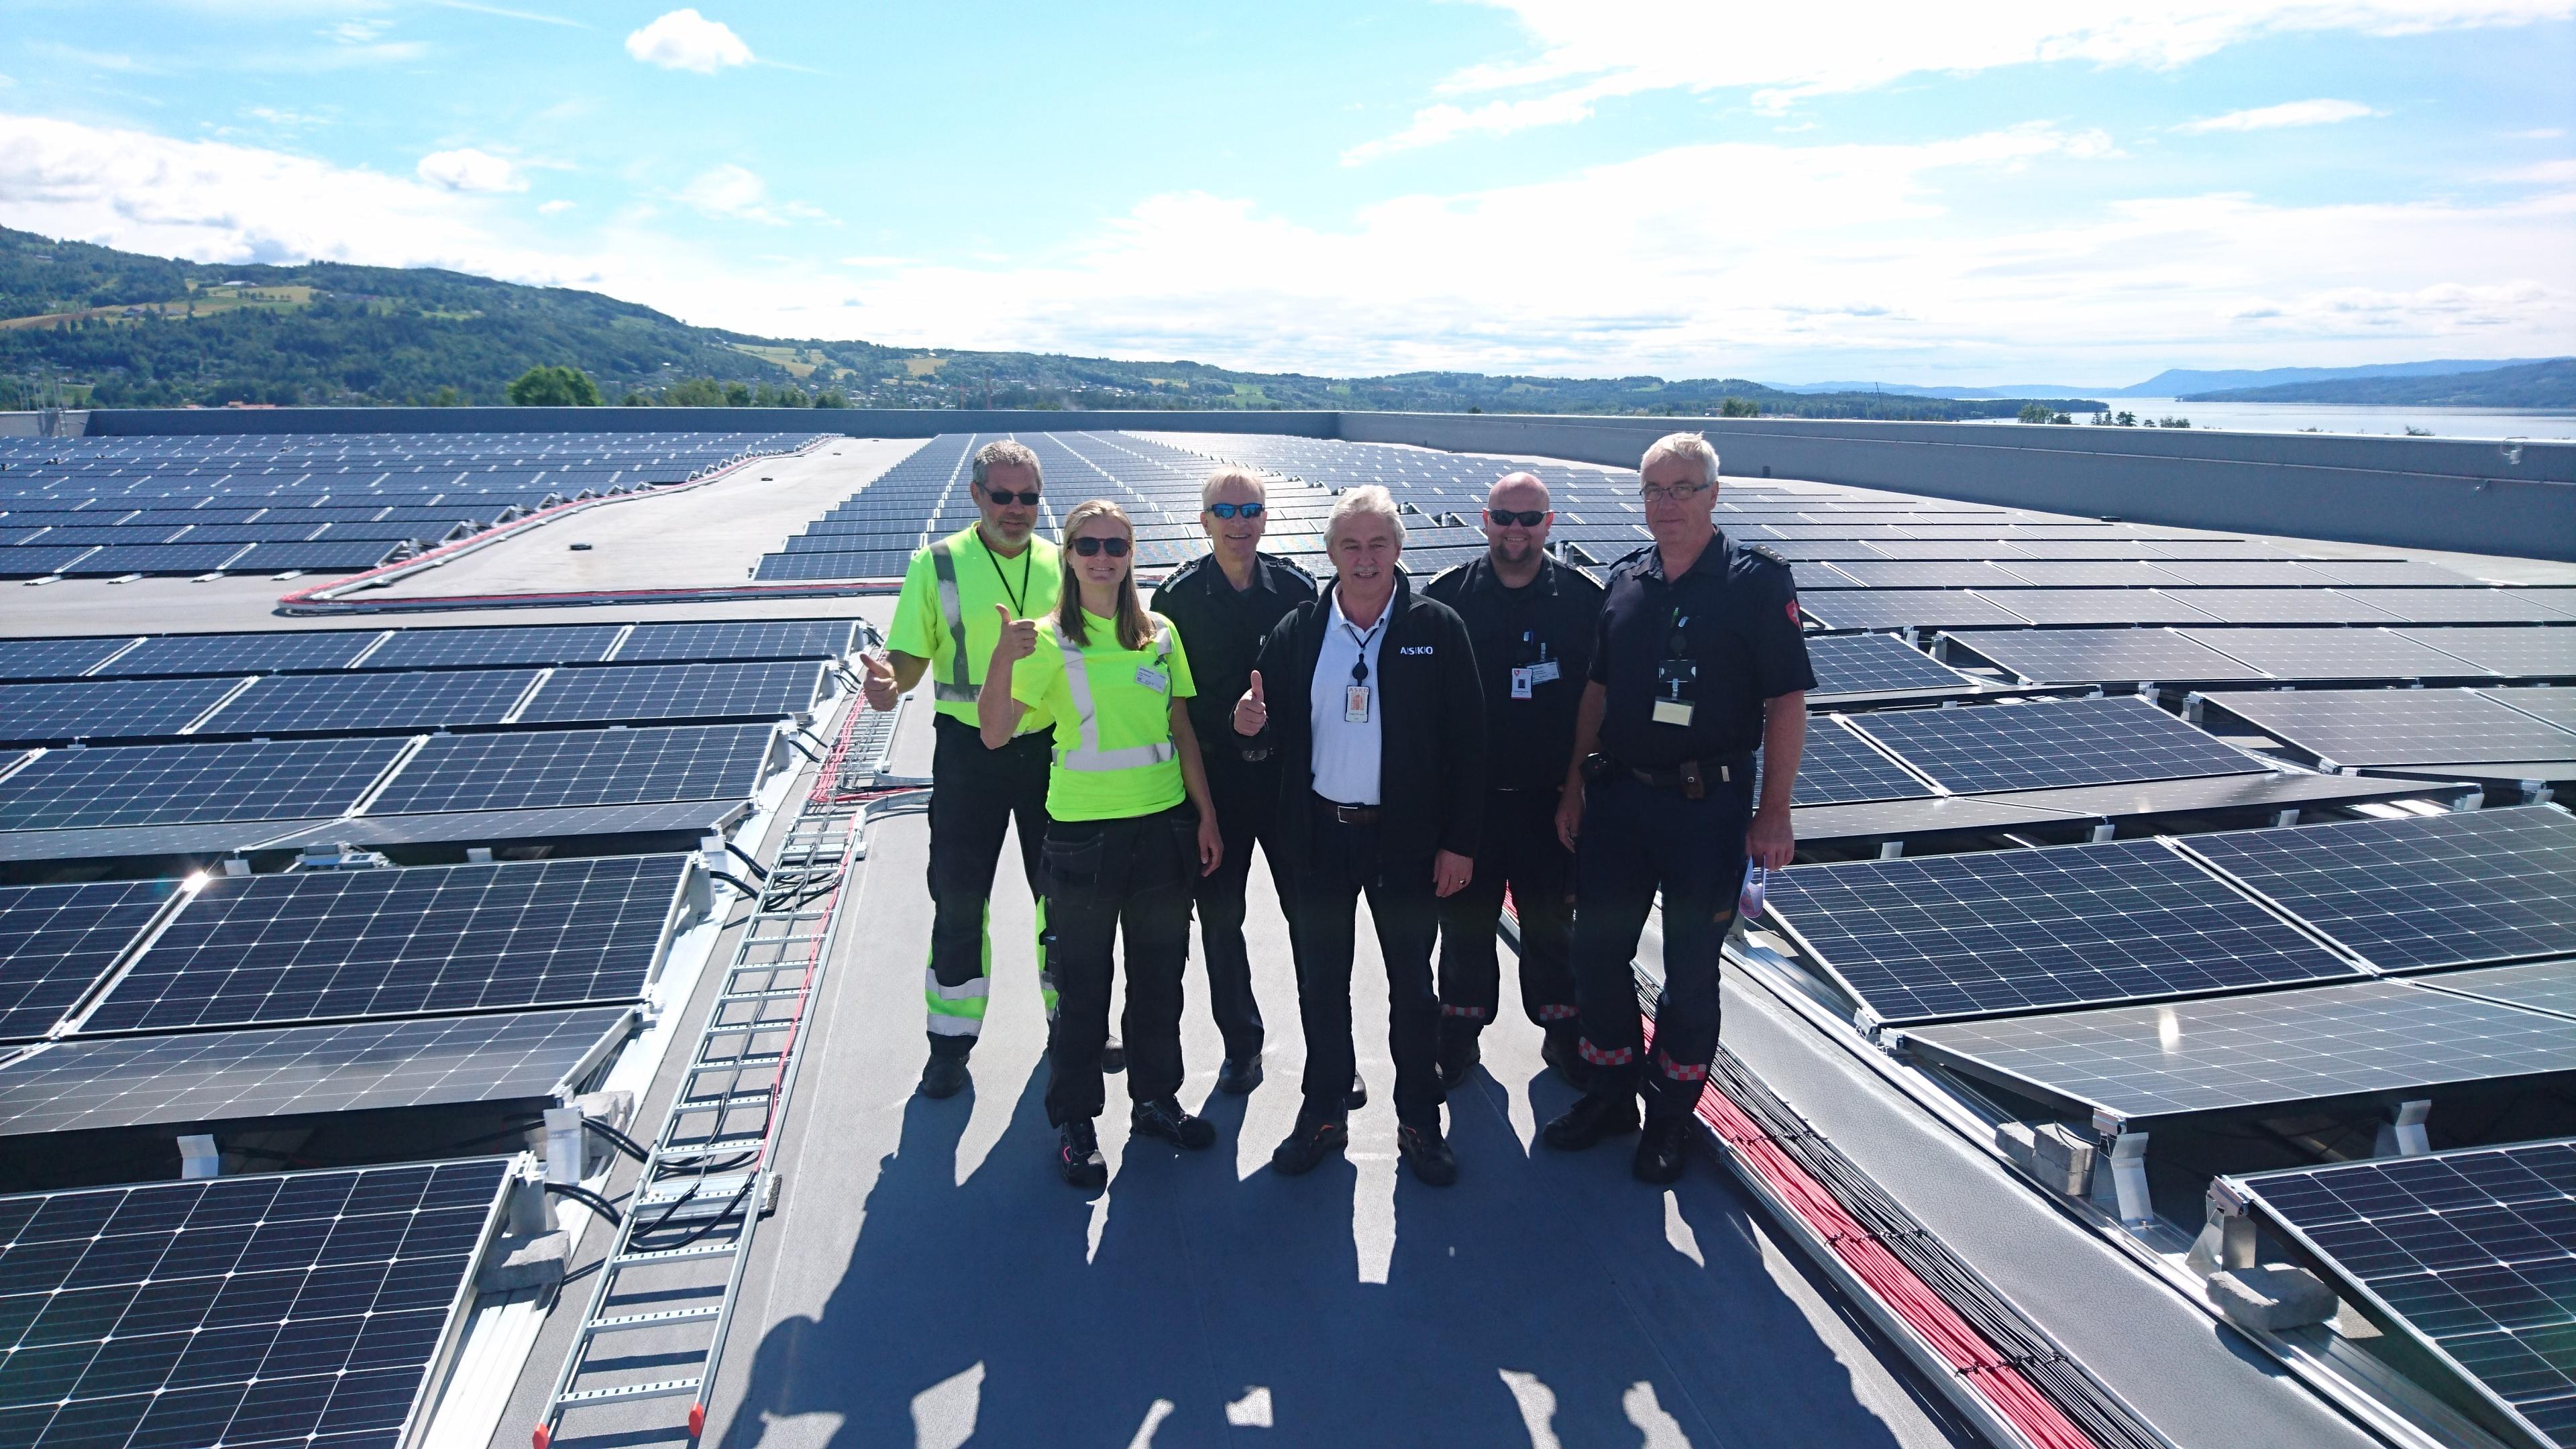 Solceller: Ett av de beste miljøtiltakene for din bedrift og ditt bygg